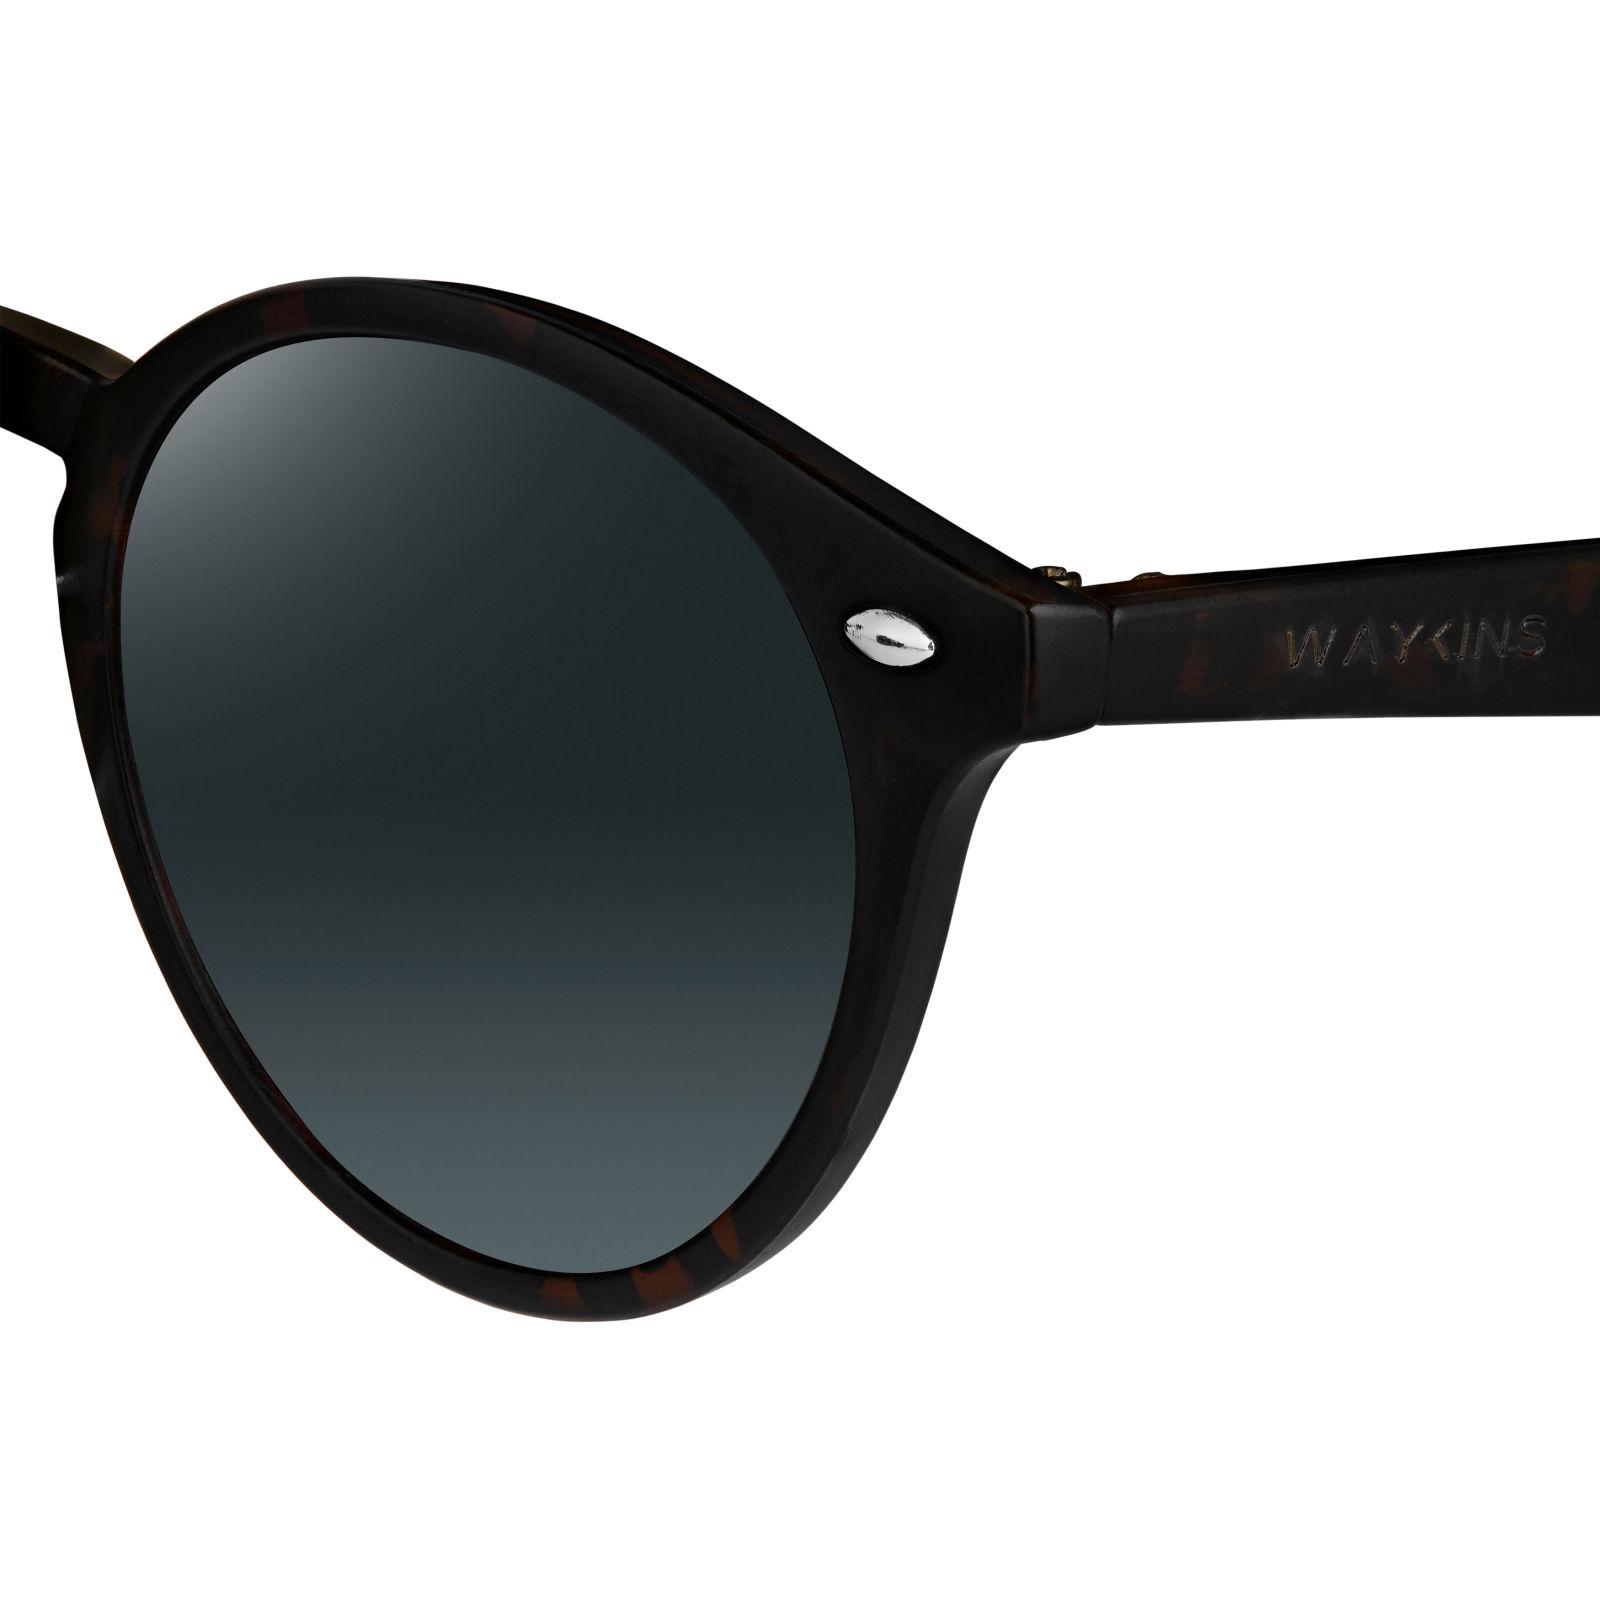 Wade Tortoise & Graue Sonnenbrille 3ifQUOgb